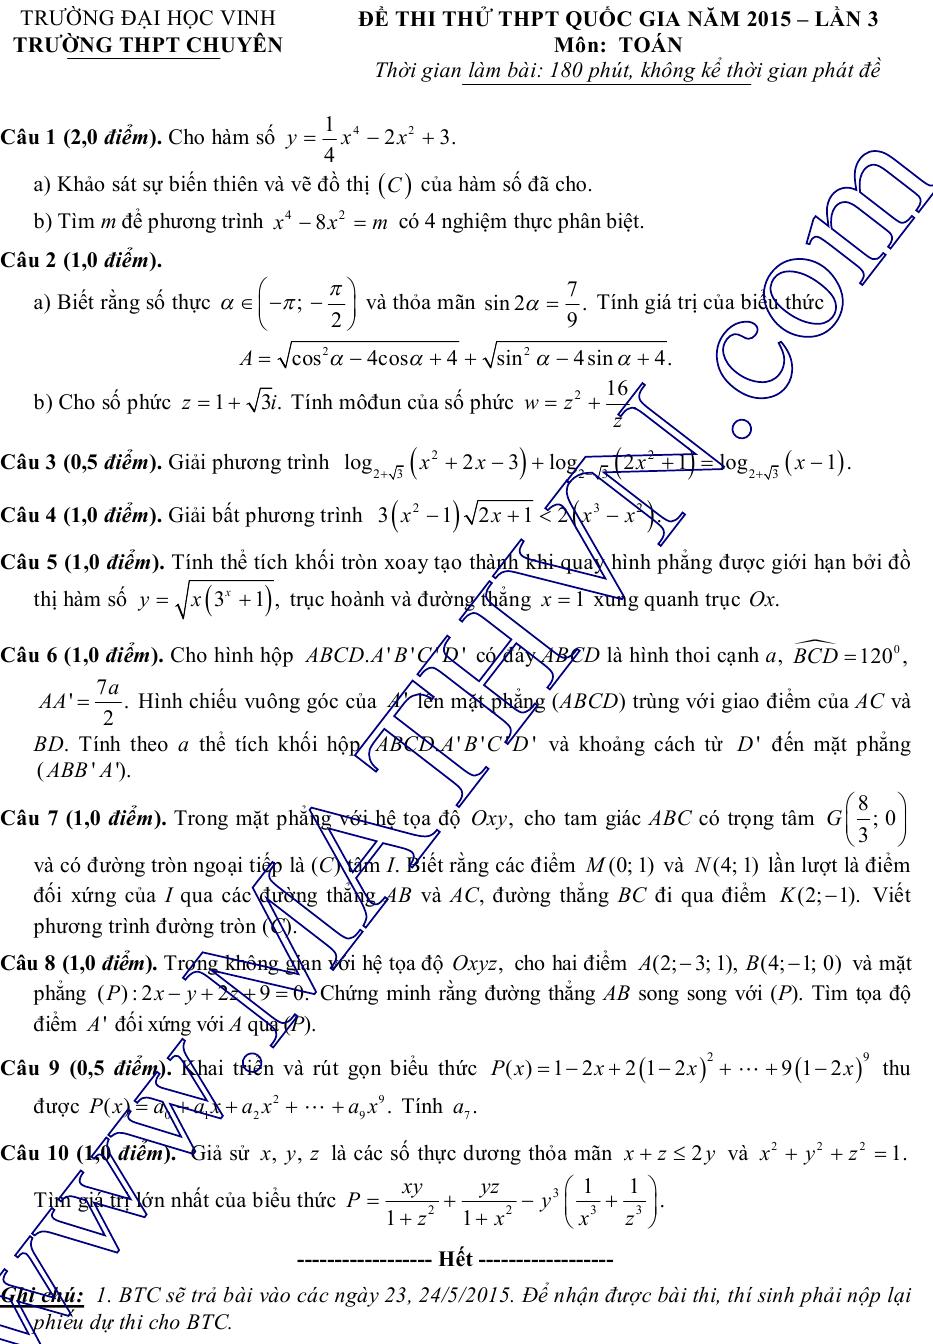 đề thi thử môn toán lần 3 chuyên đại học vinh 2015